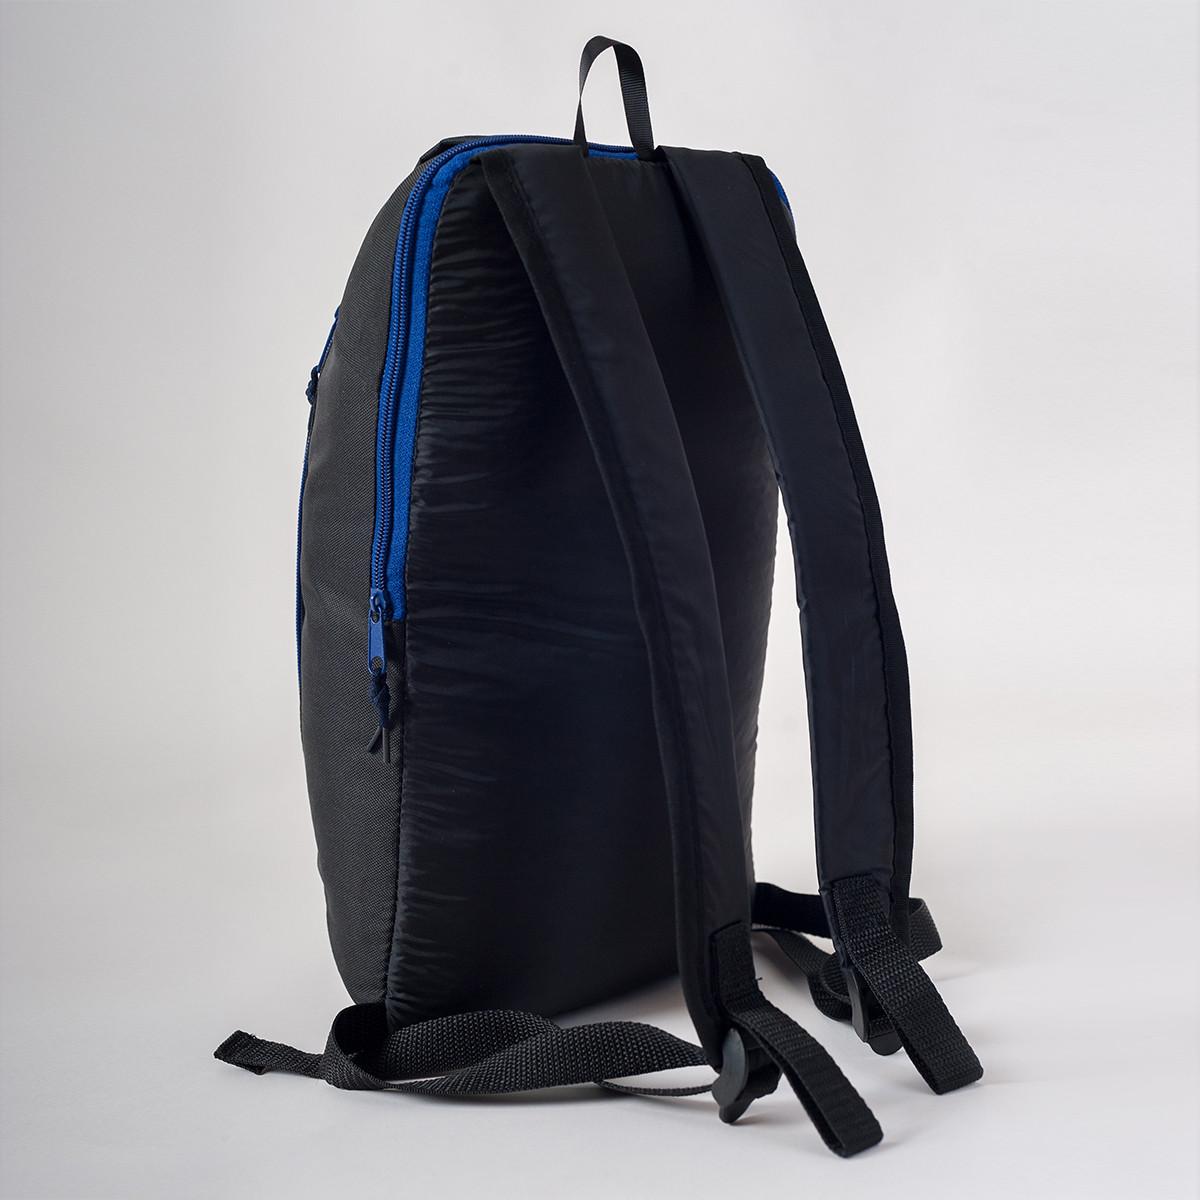 Спортивный рюкзак Mayers 10L, черный / синяя молния, фото 3